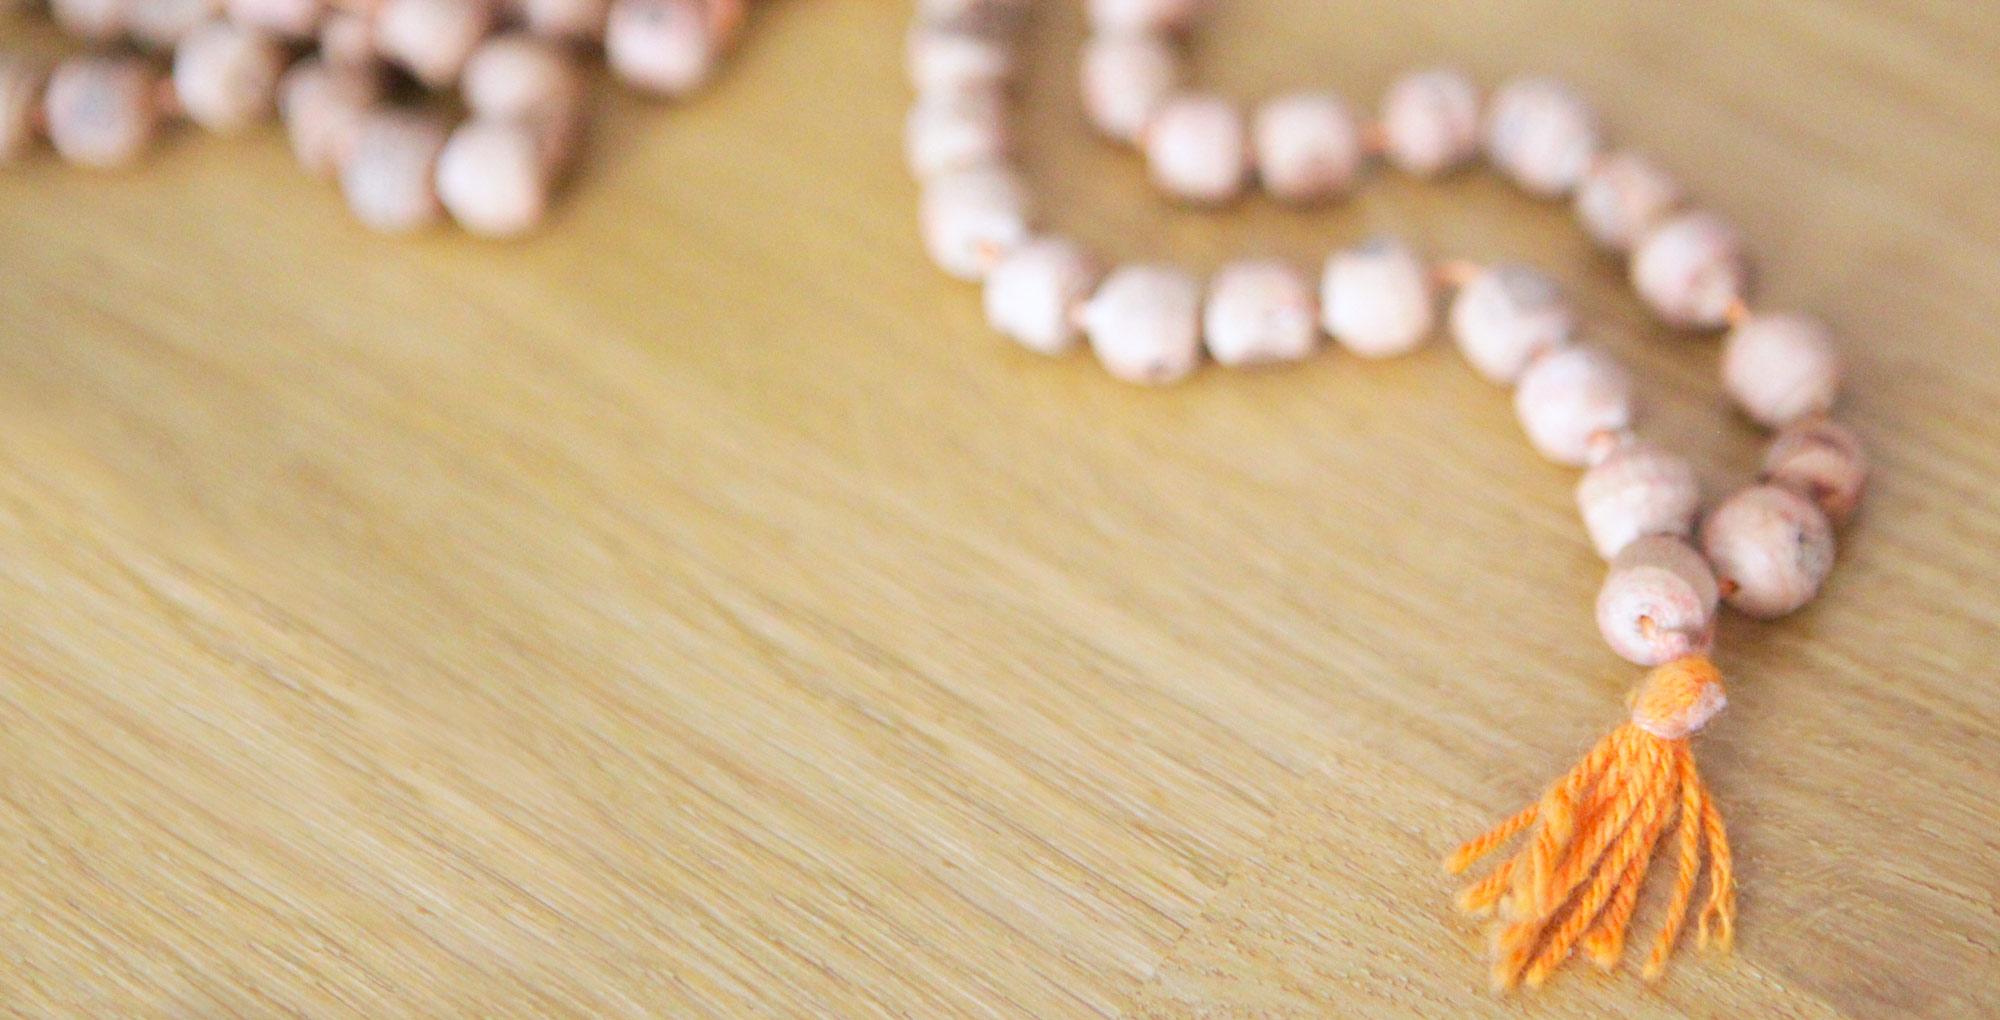 séance de photos pour la création de site web pour cabinet de relaxation sophrologie massage